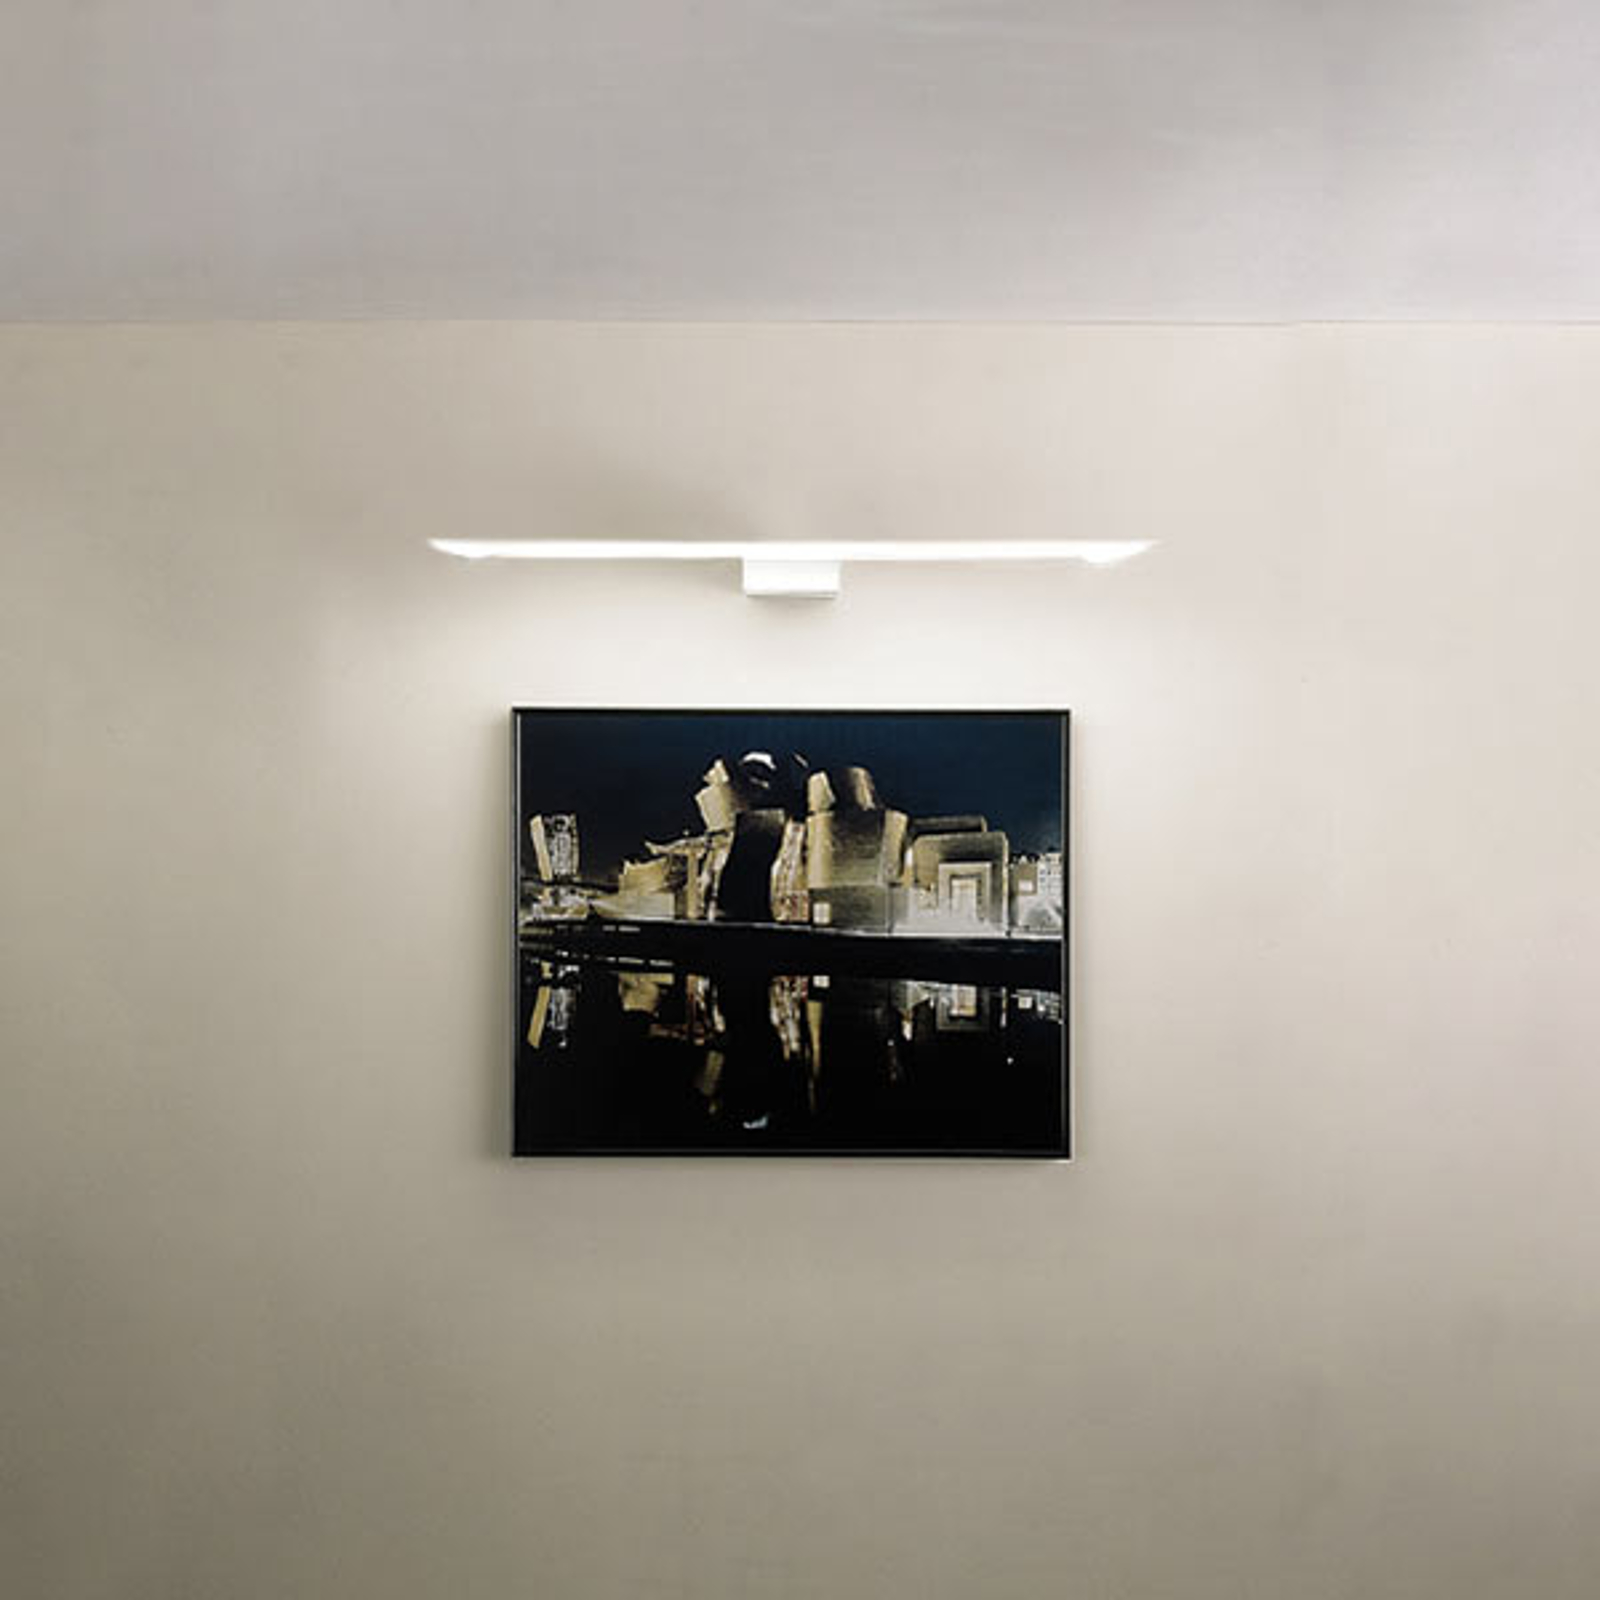 Bildelampe Eliana W Picture til vegg hvit